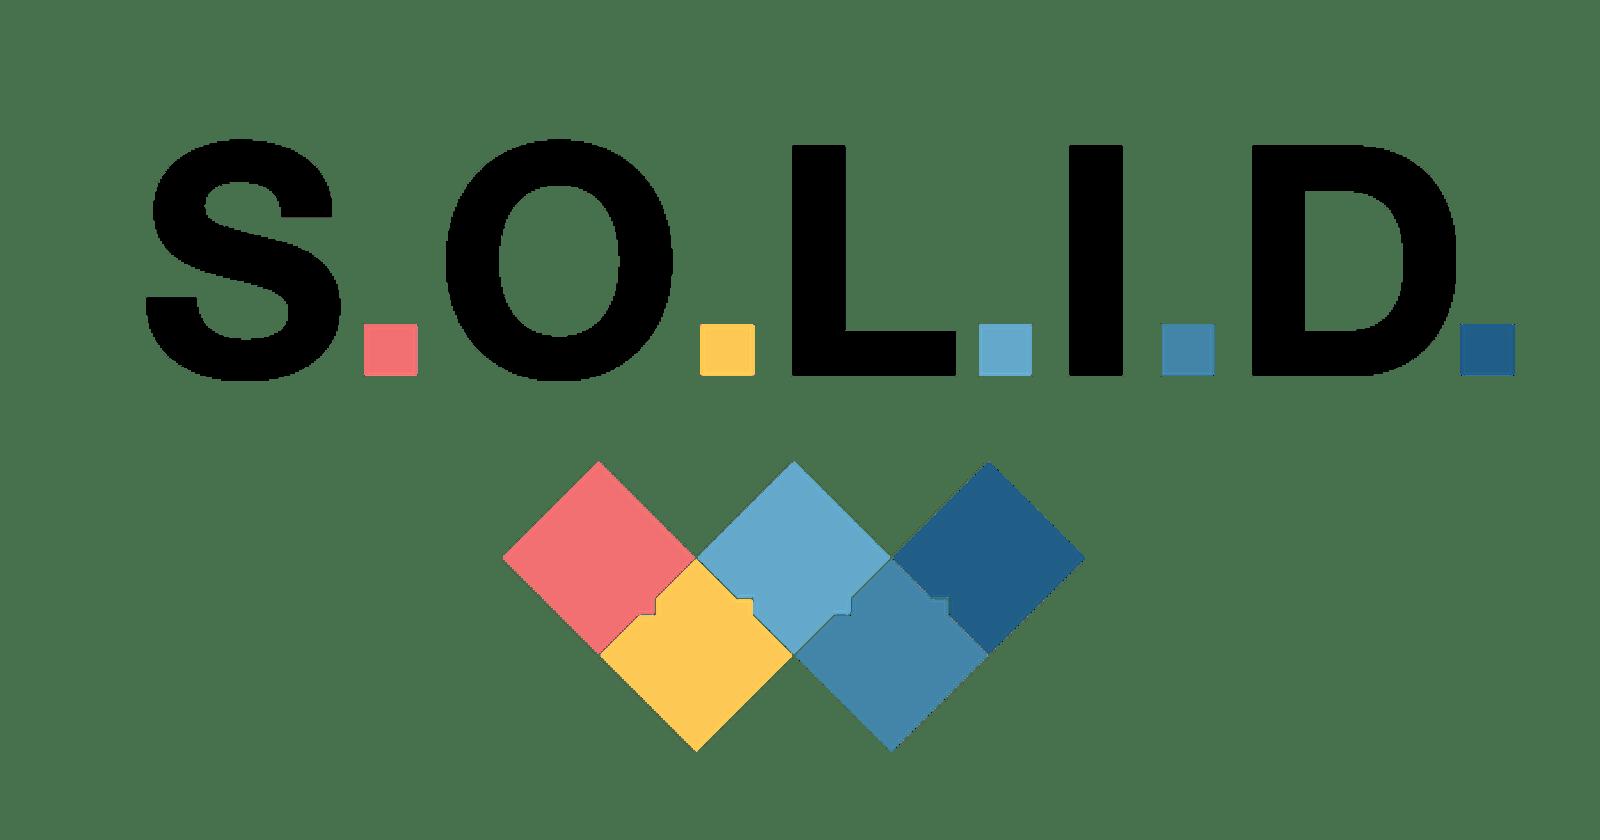 Princípios SOLID: o que são e como aplicá-los no PHP/Laravel (Parte 04 - Segregação de Interface)